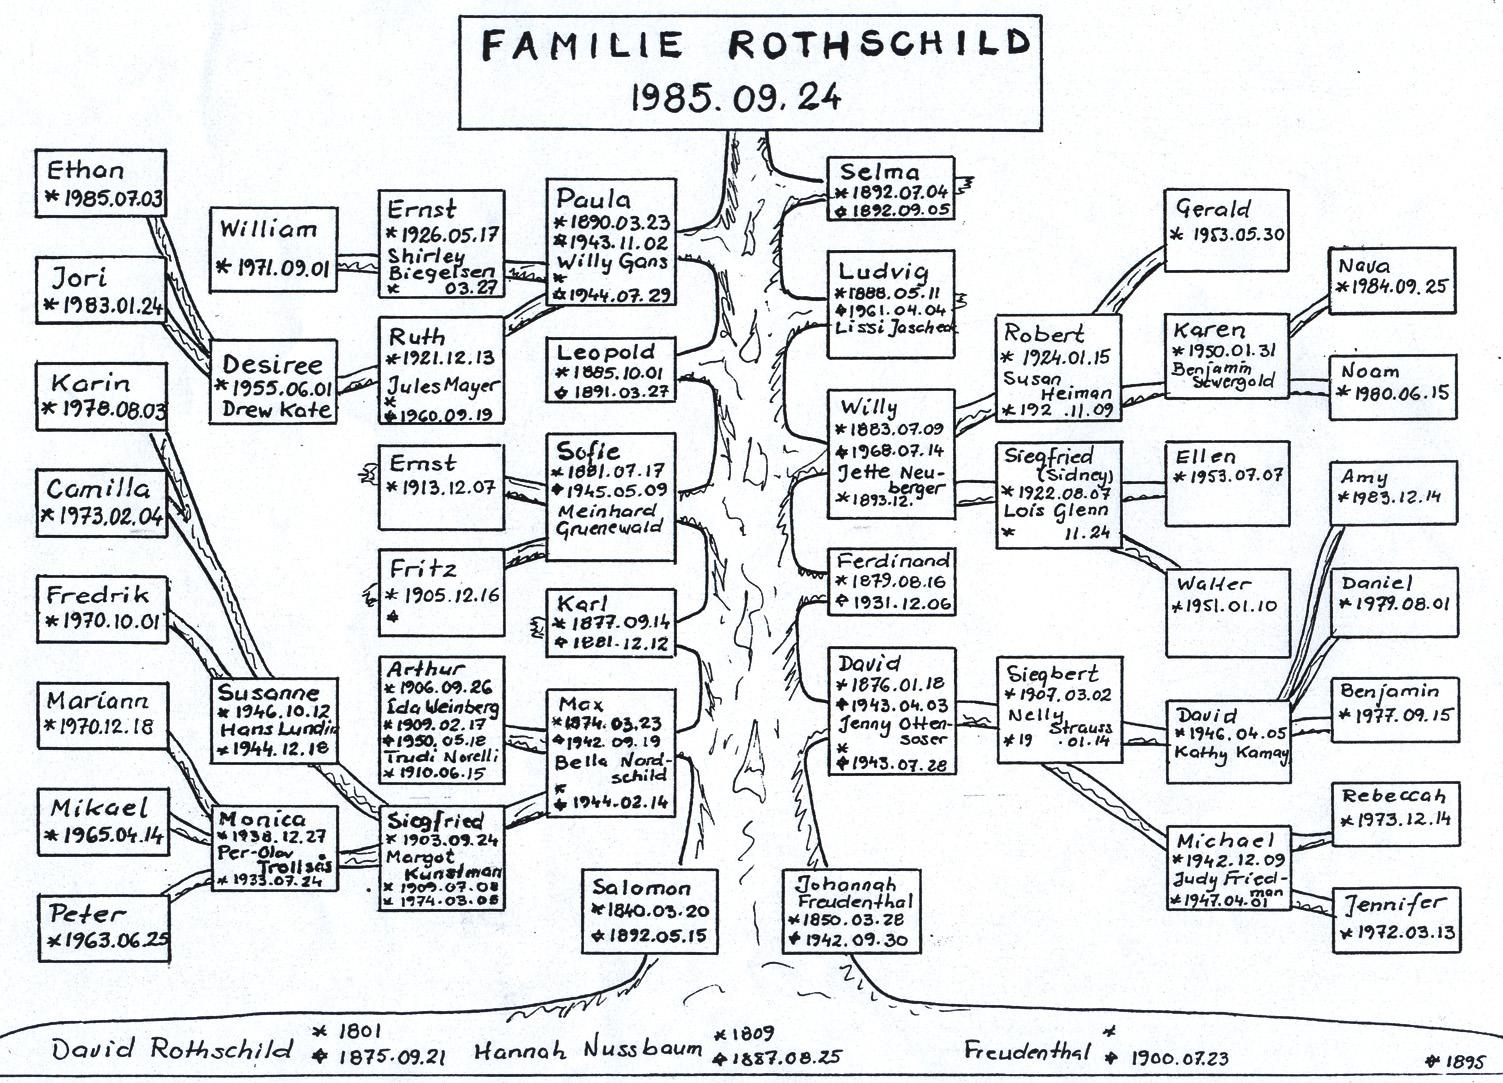 familie rothschild